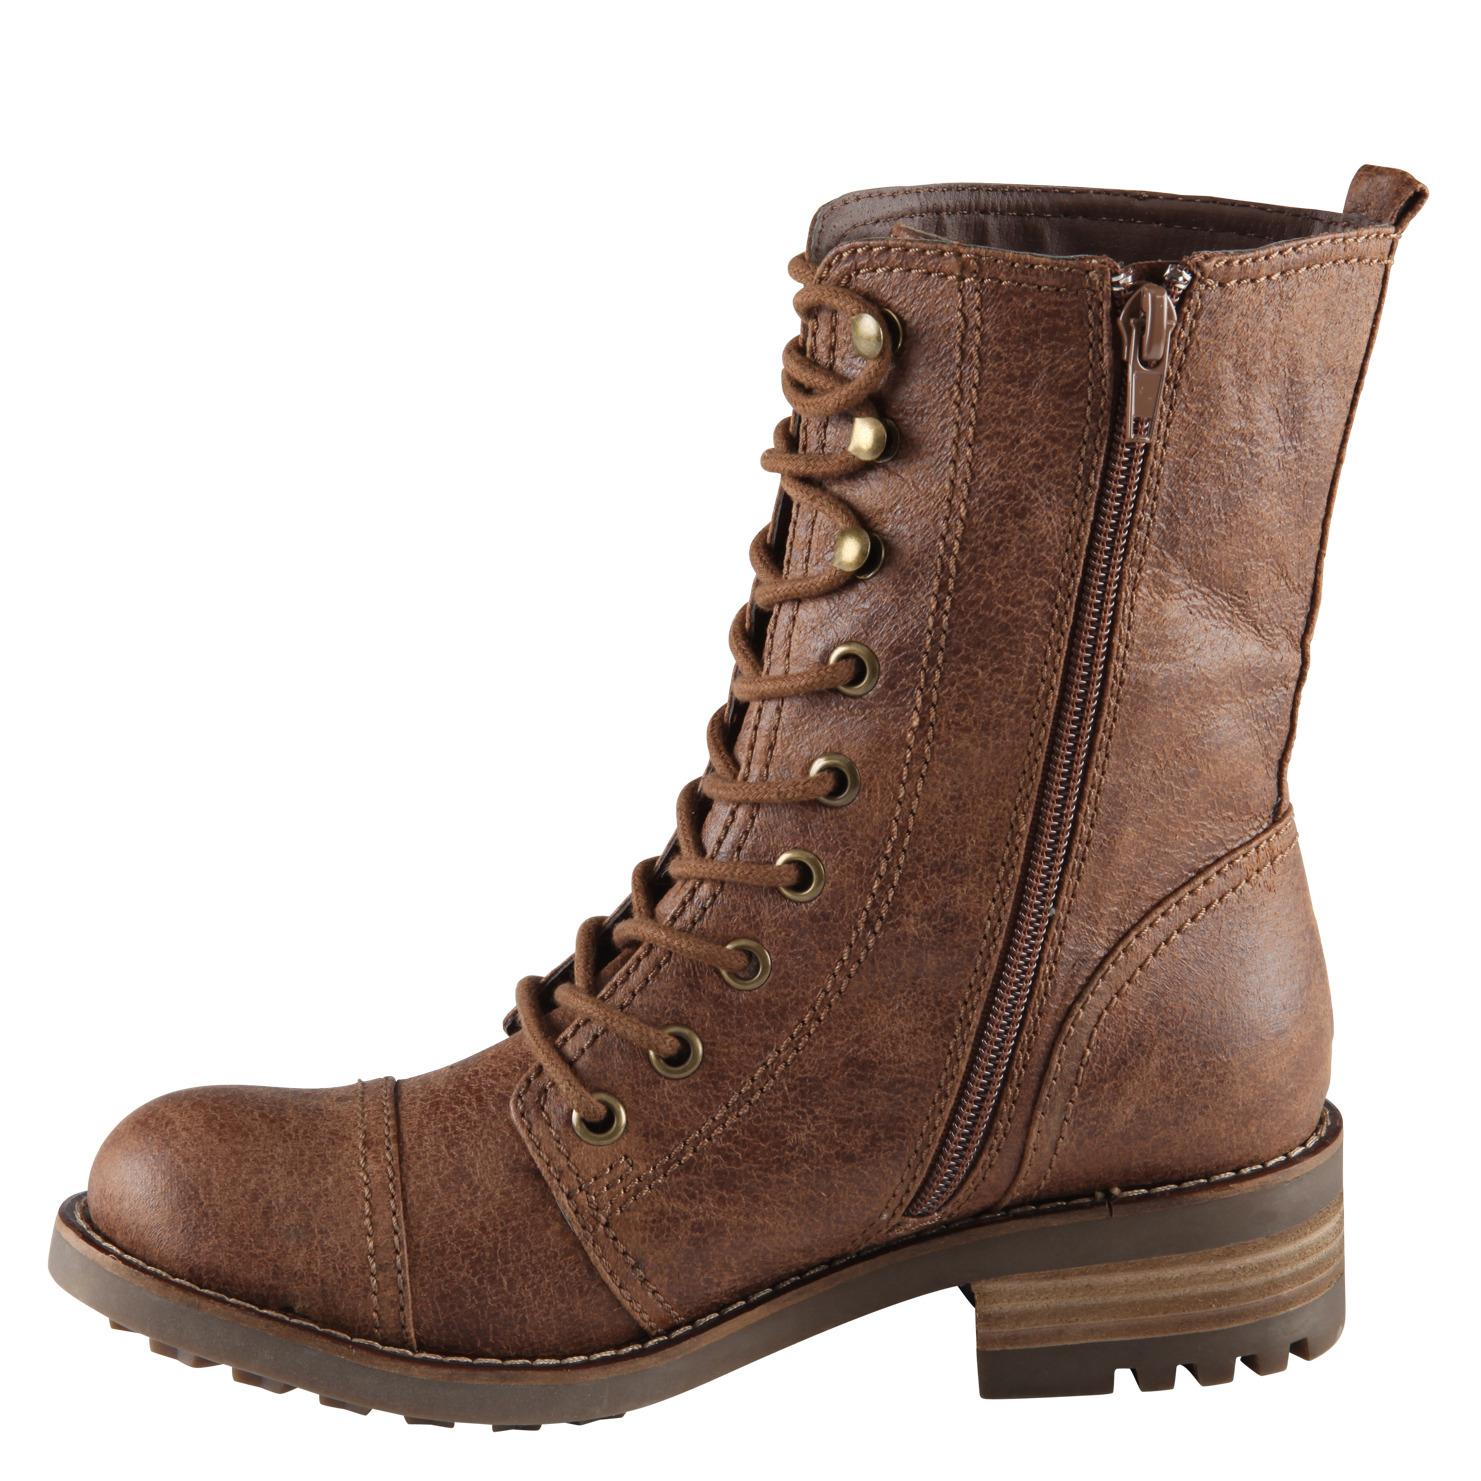 Women In Combat Boots Quotes. QuotesGram